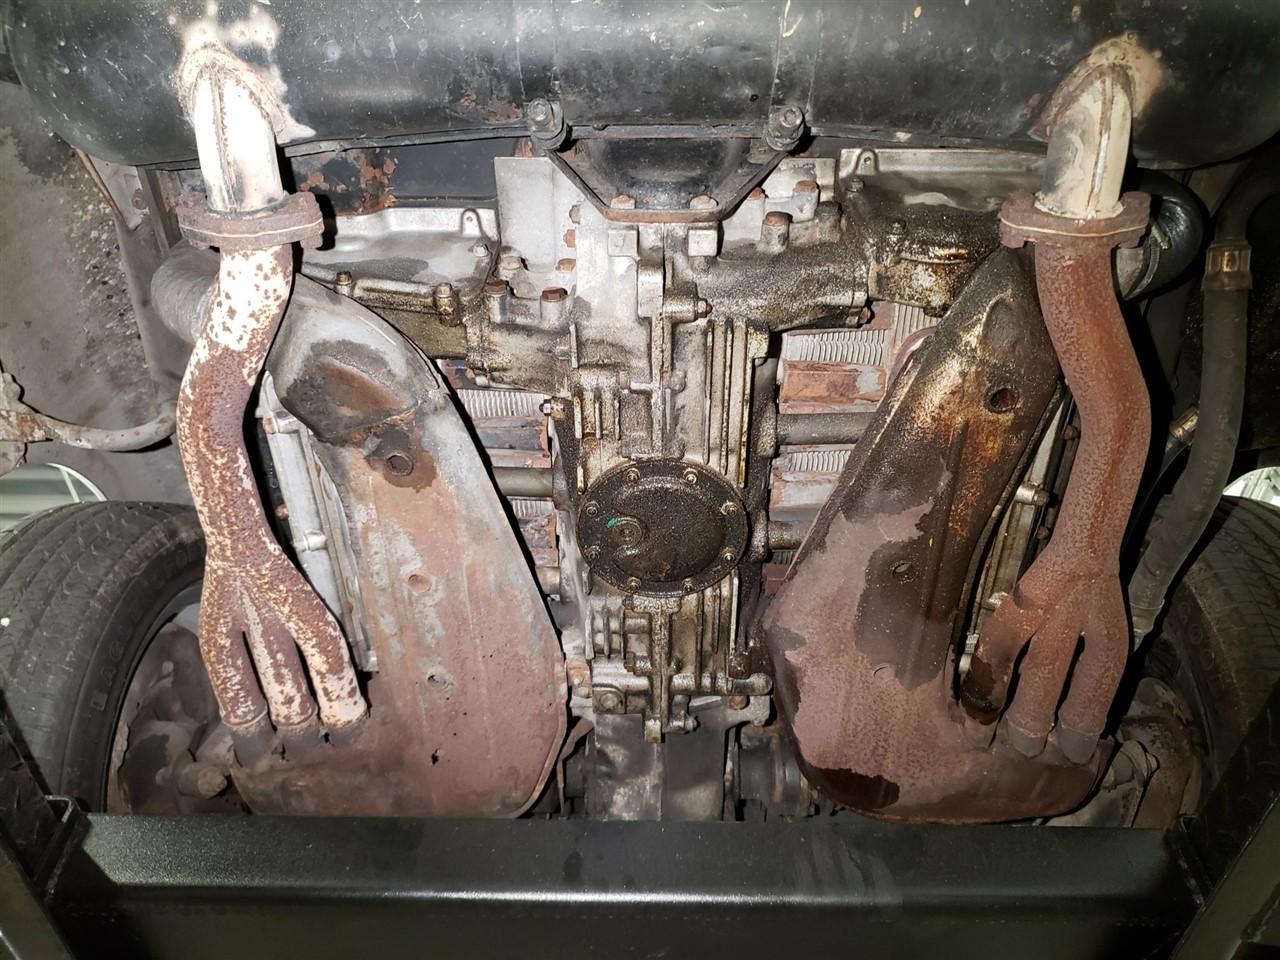 cp-car-sl-porsche 911 2.0 1966-05